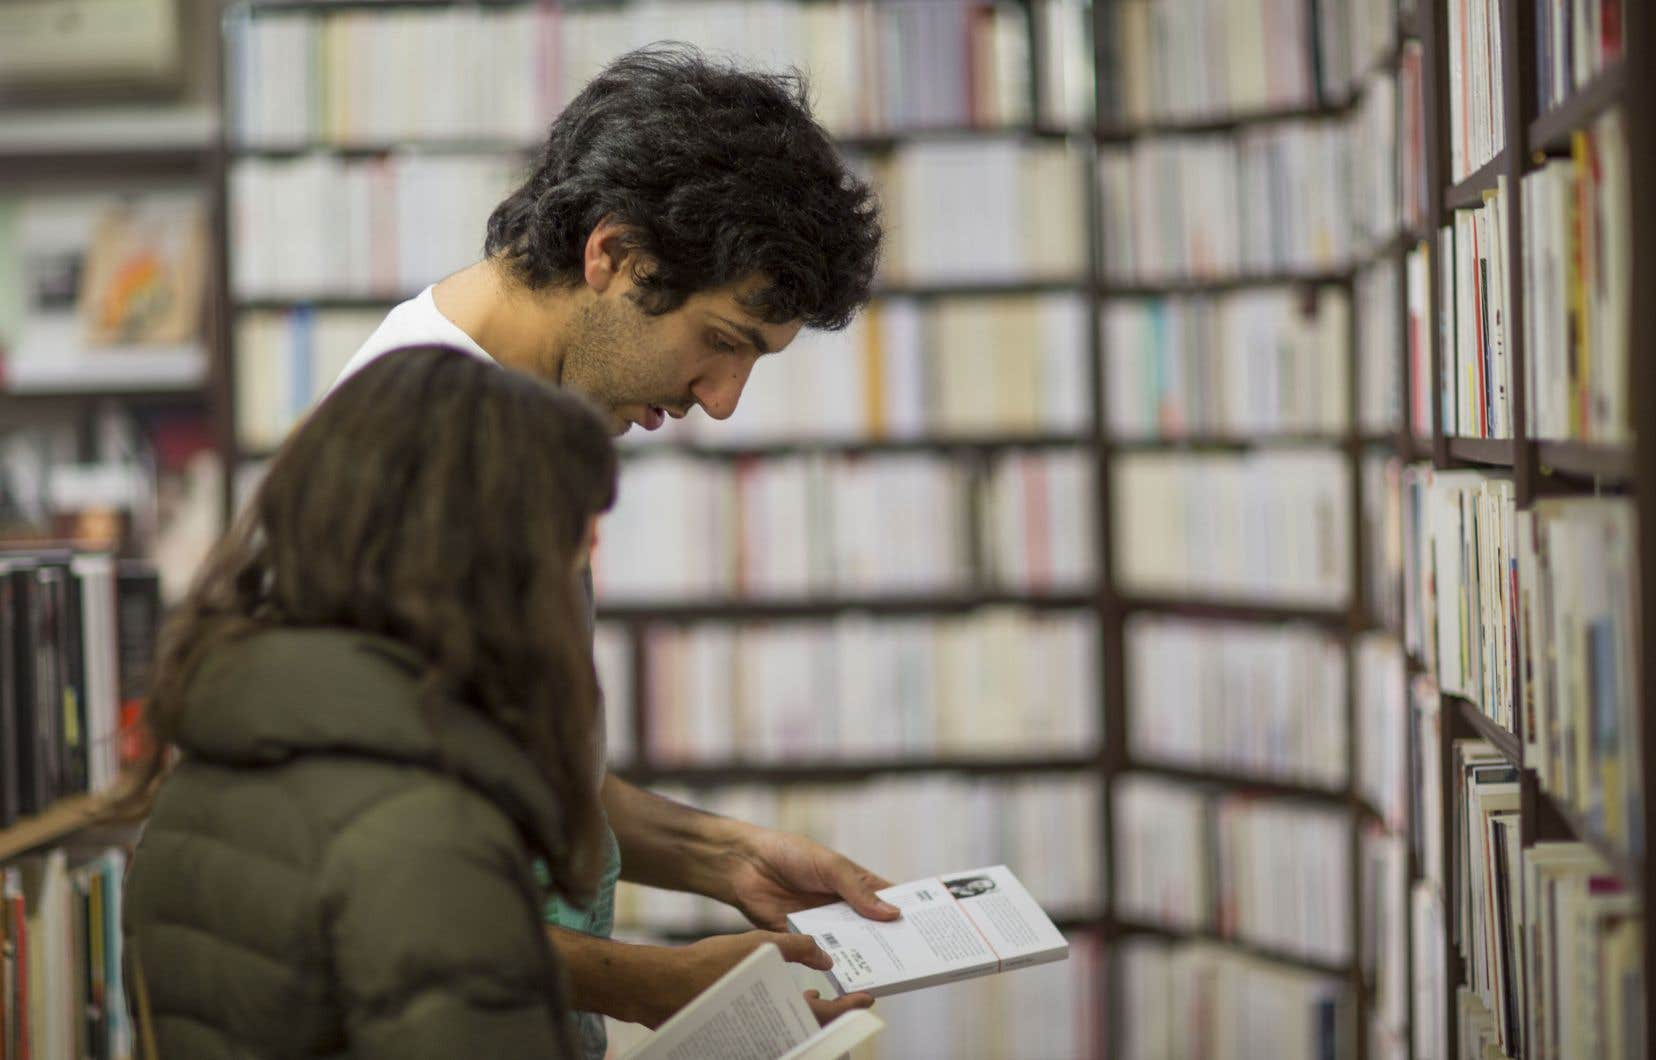 La littérature vient au second rang des ventes au Québec en 2018, derrière le livre jeunesse et devant le livre pratique.